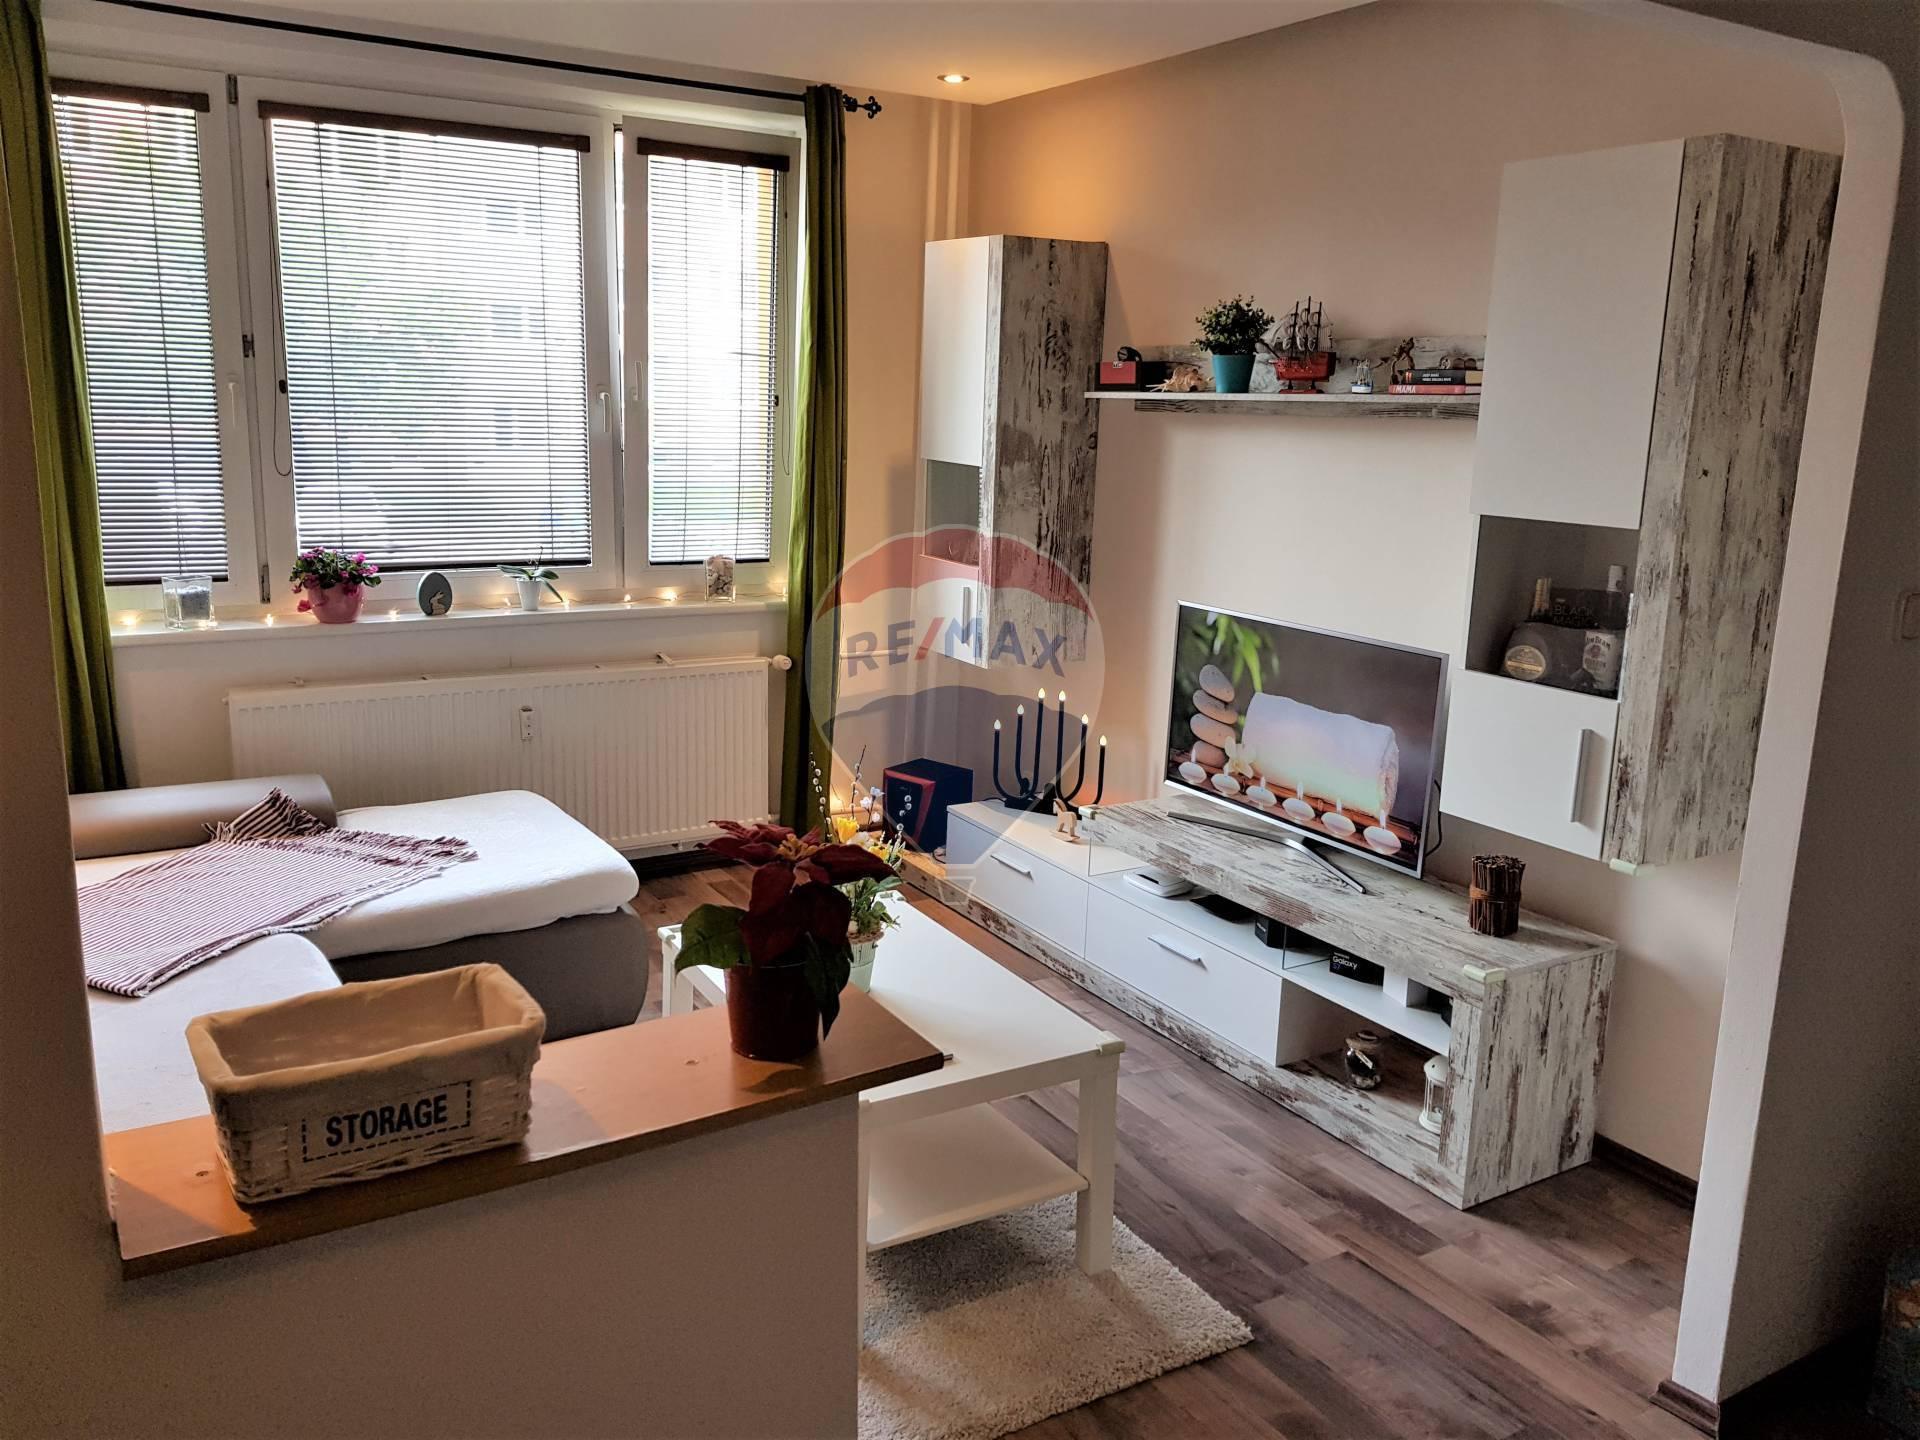 PREDAJ: 2 izb. byt, kompletná rekonštrukcia, Inovecká ul., Senec.